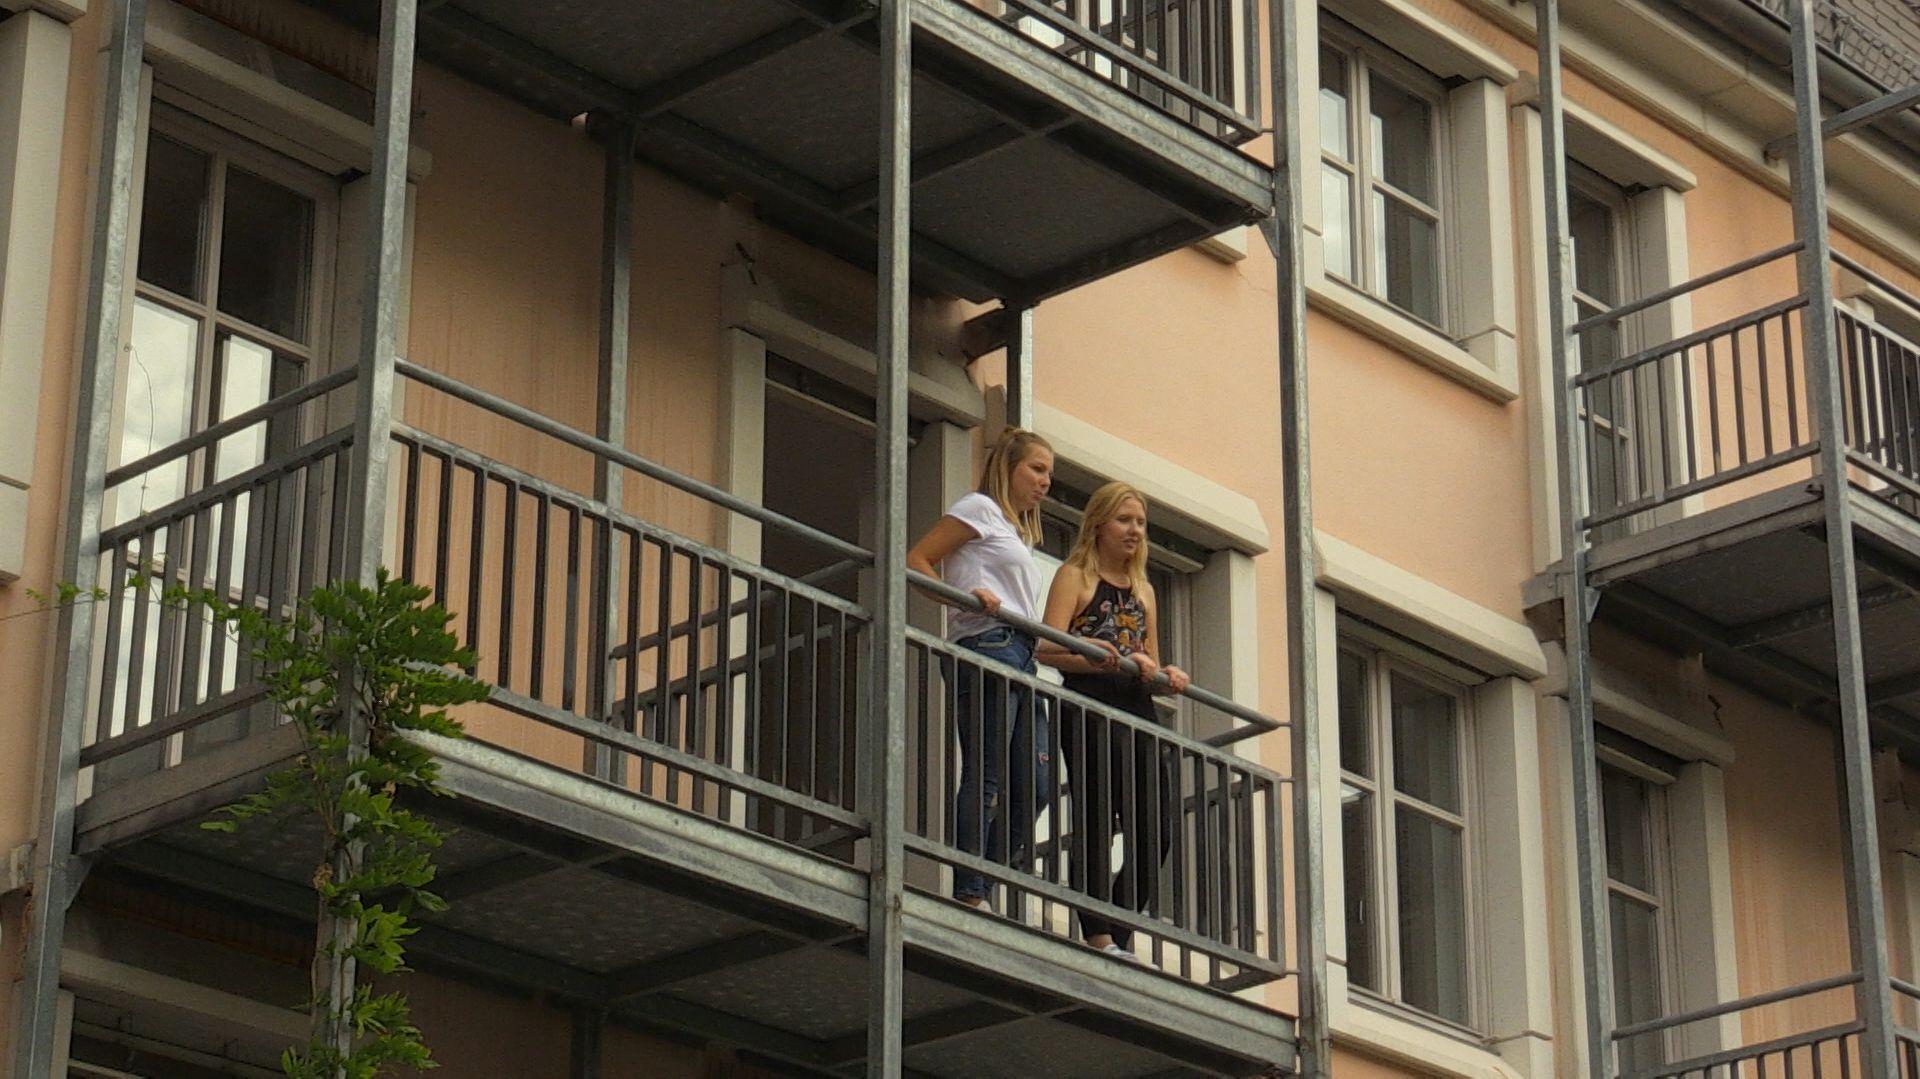 Zwei junge, angehende Erzieherinnen auf dem Balkon einer vergünstigten Wohnung.